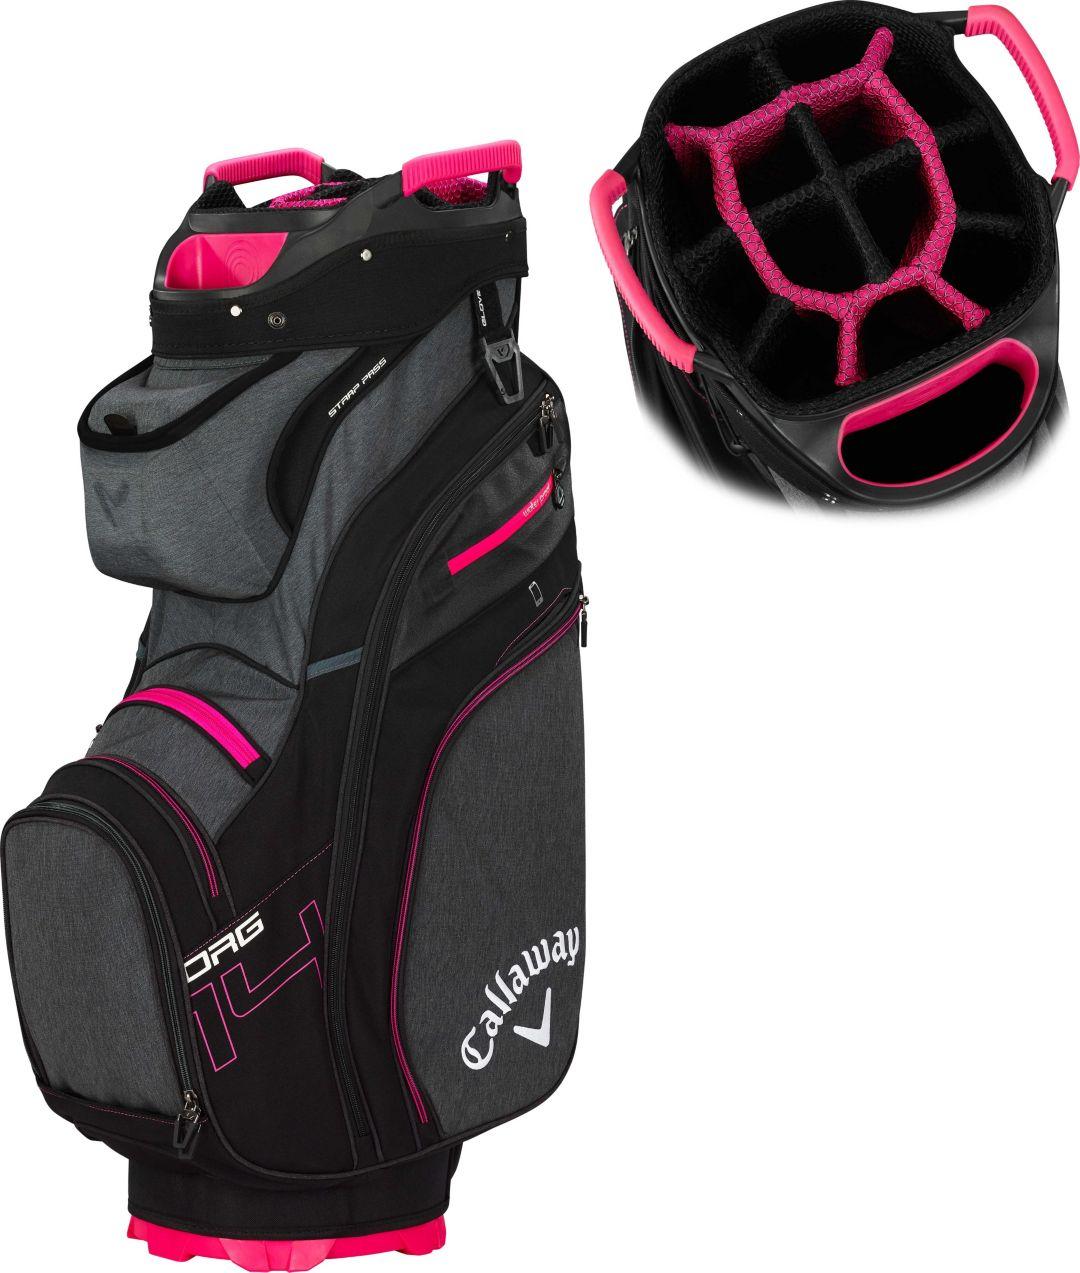 bf3e2b42066 Callaway Women's 2019 Org 14 Cart Golf Bag | Golf Galaxy